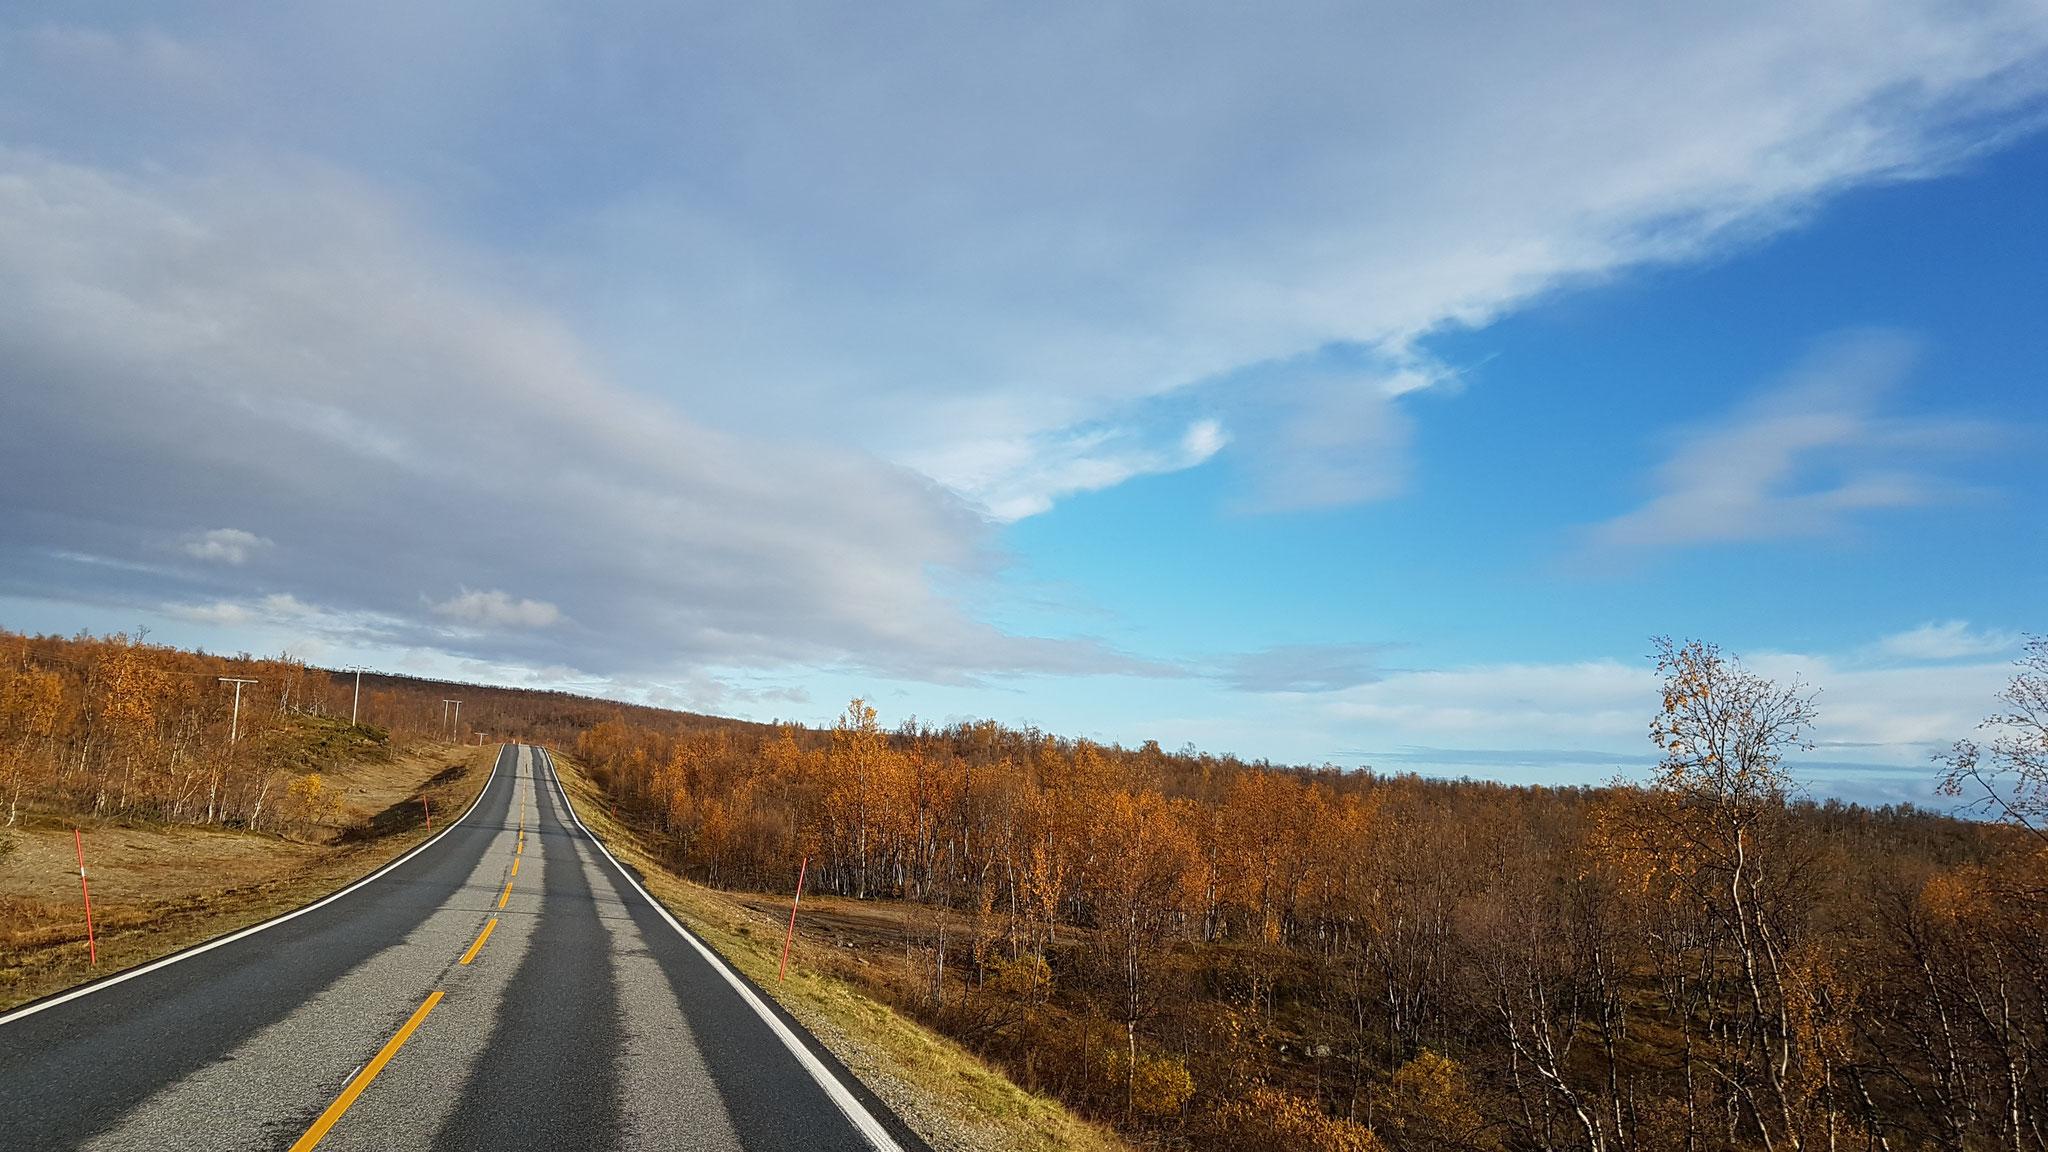 Wunderschöne Landschaft in Richtung Grenze Finnland